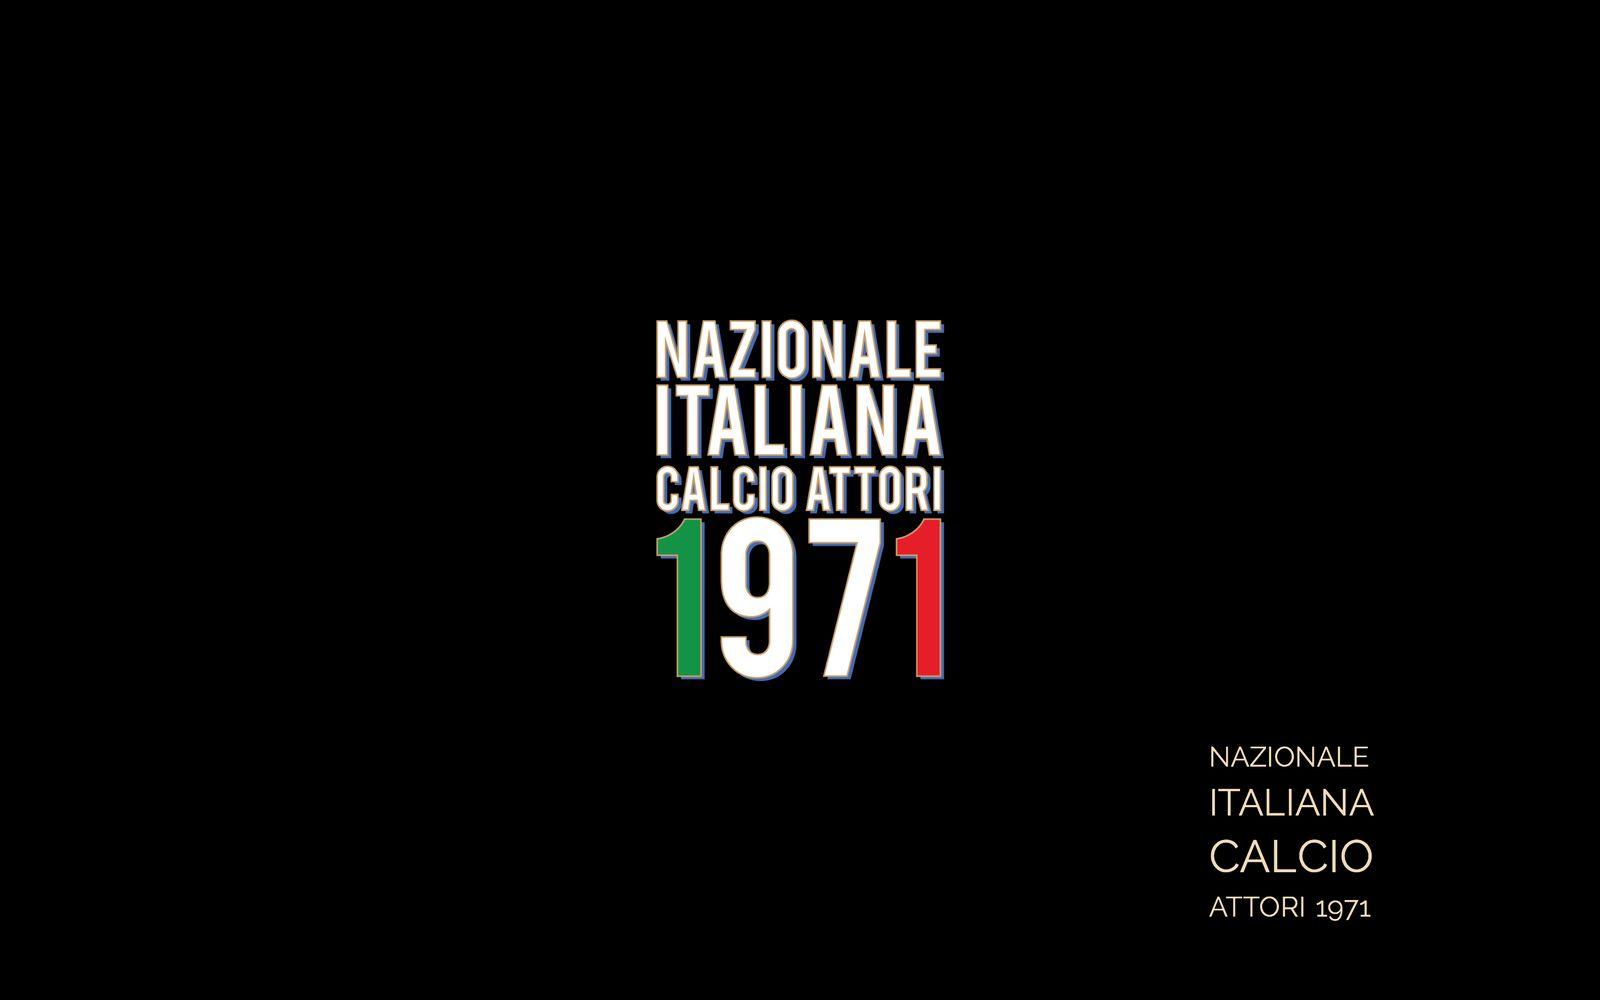 NAZIONALE CALCIO ATTORI 1971